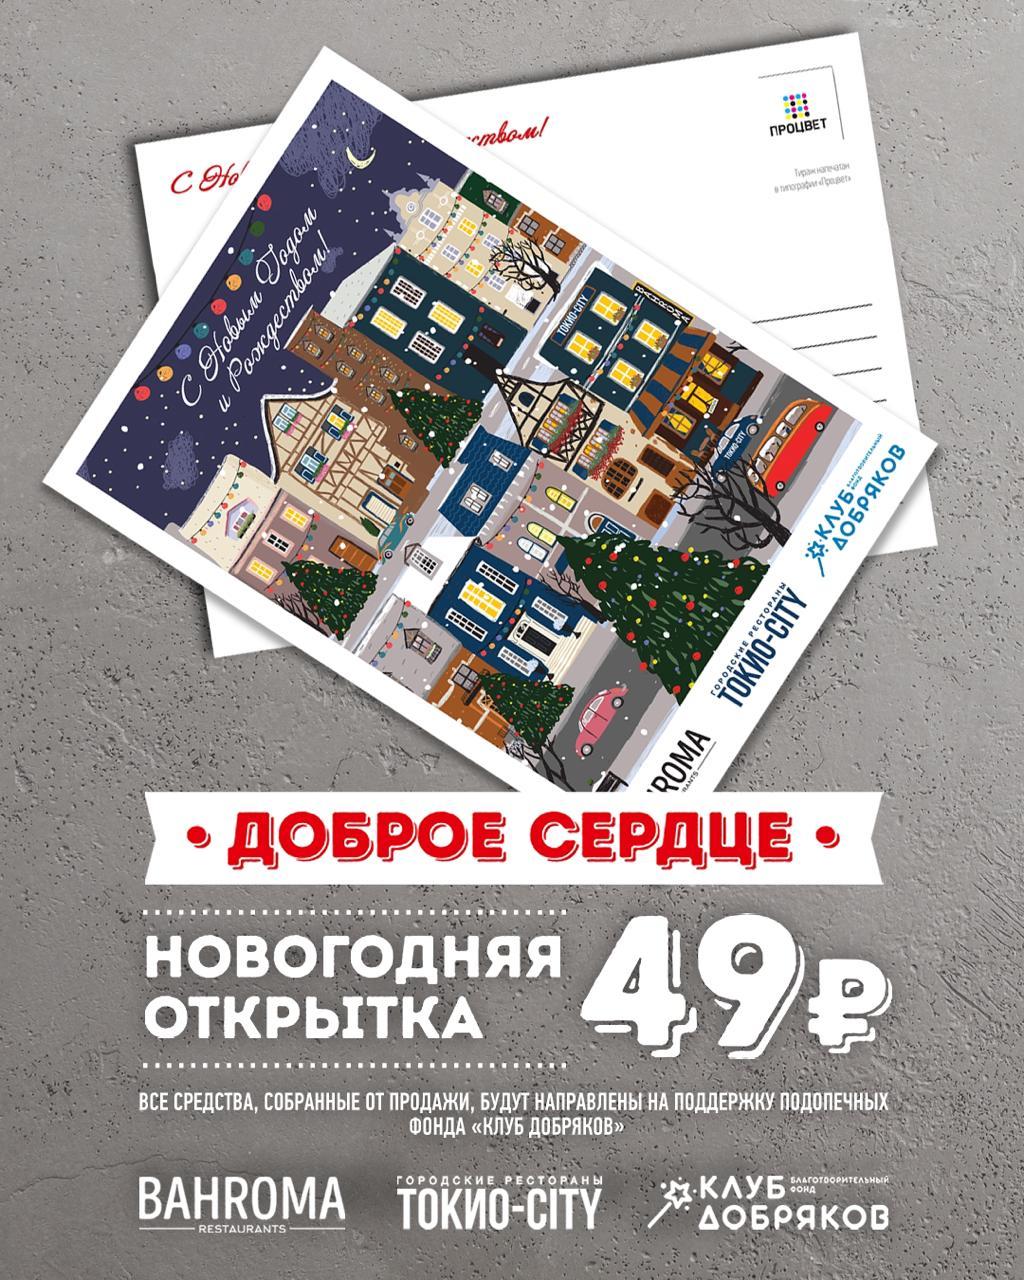 Добряки Петербурга запустили благотворительную акцию с ресторанами «ТОКИО-CITY» и «BAHROMA»